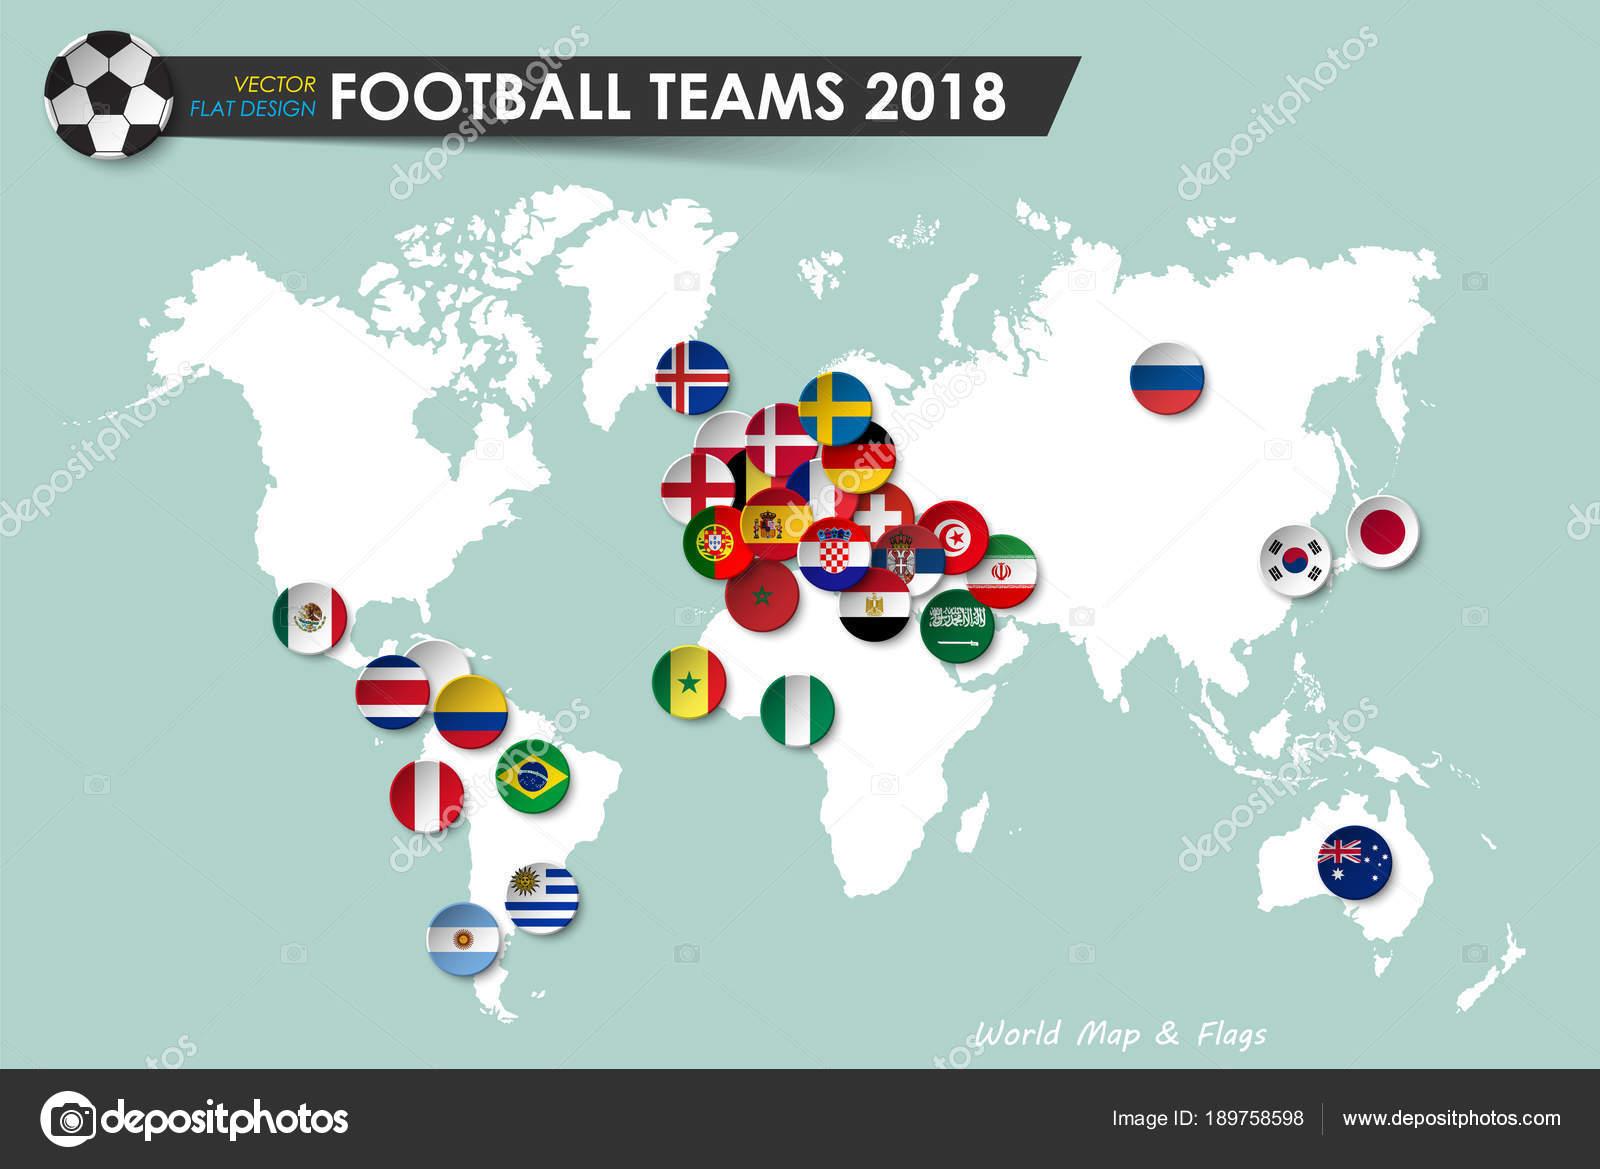 Fussball Wm 2018 Landerflaggen Der Fussballmannschaften Auf